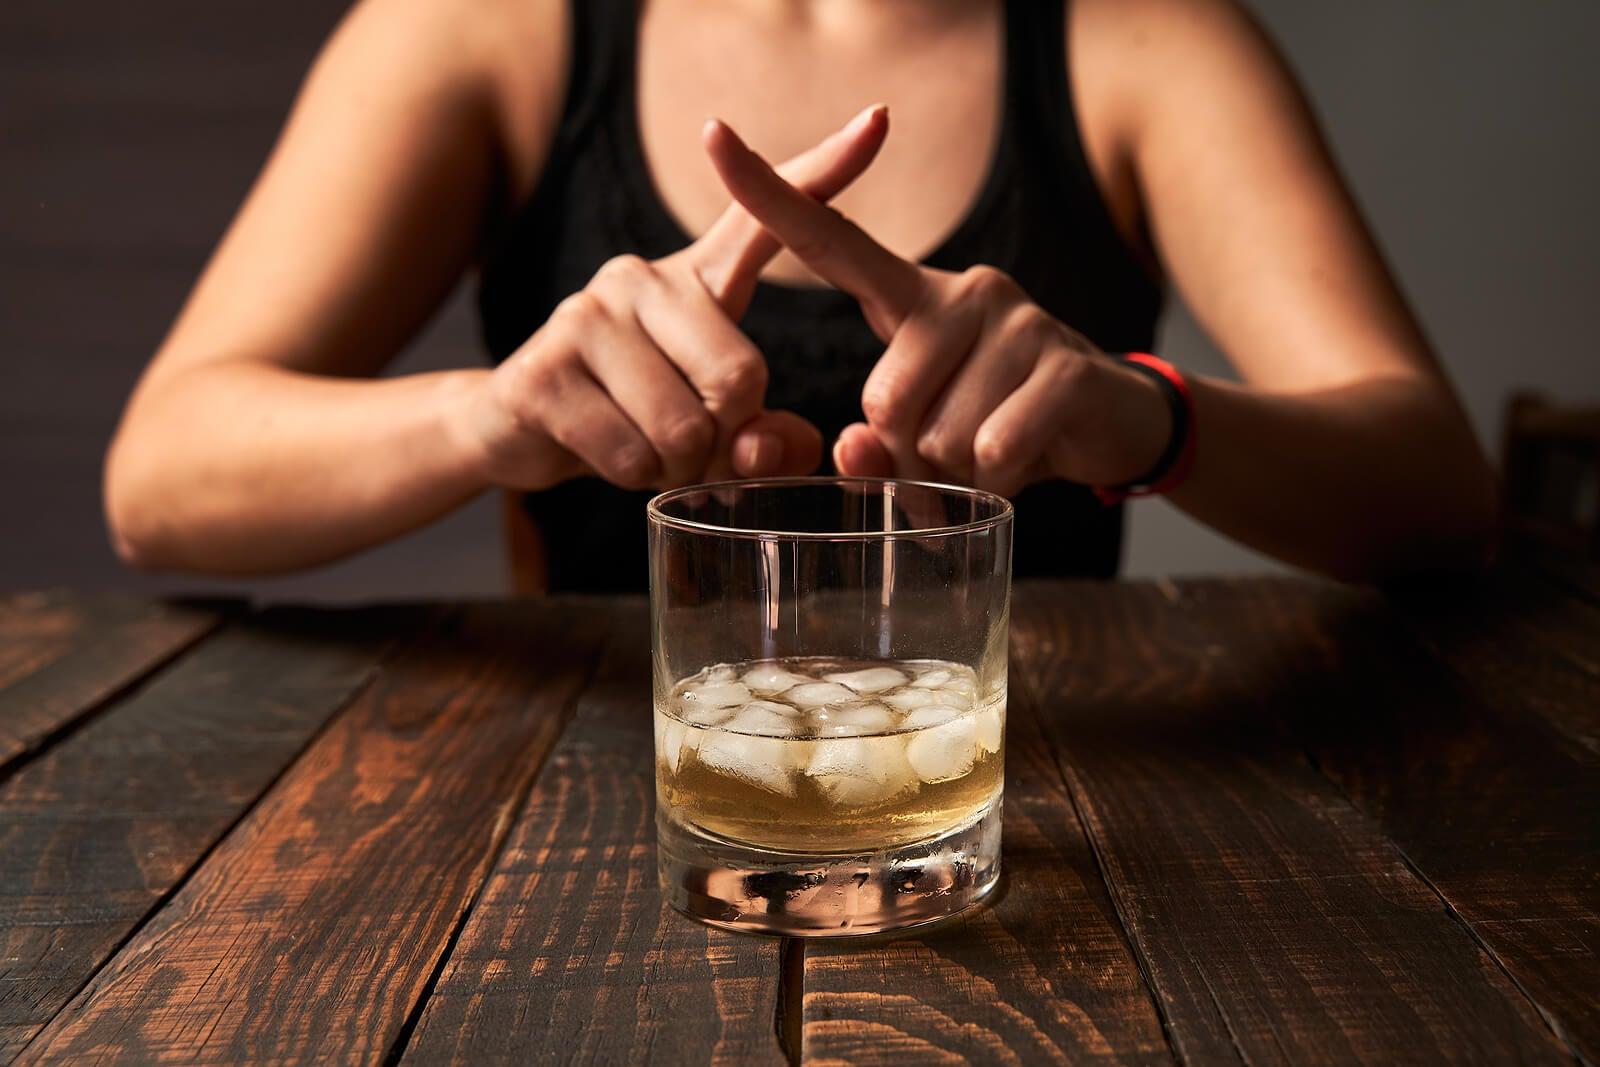 نصائح للعناية بالبنكرياس: لا تستهلك الكحول.